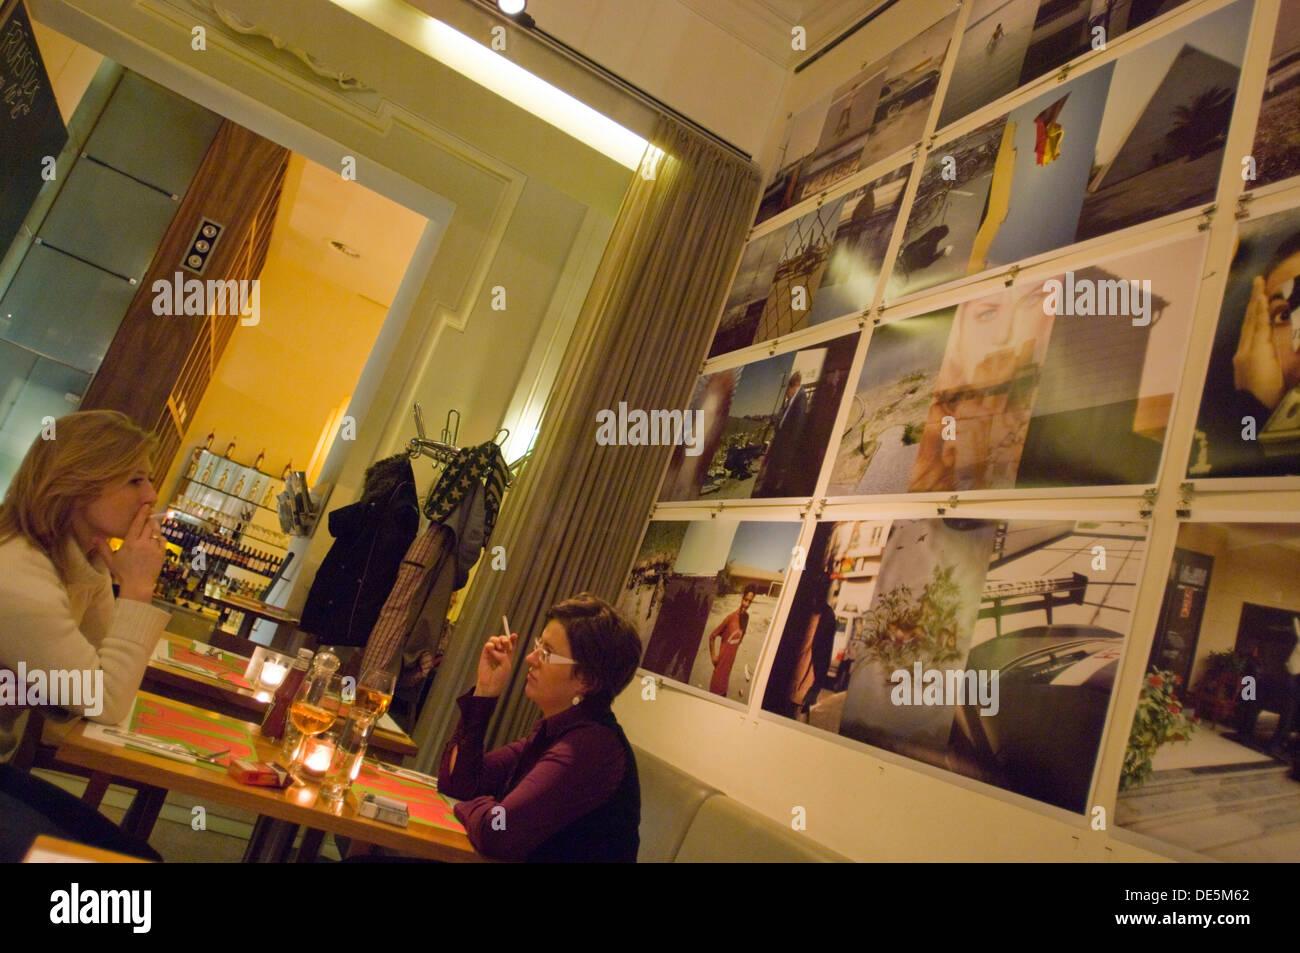 Österreich, Wien 7, Café Restaurant HALLE in der Kunsthalle im Museumsquartier - Stock Image